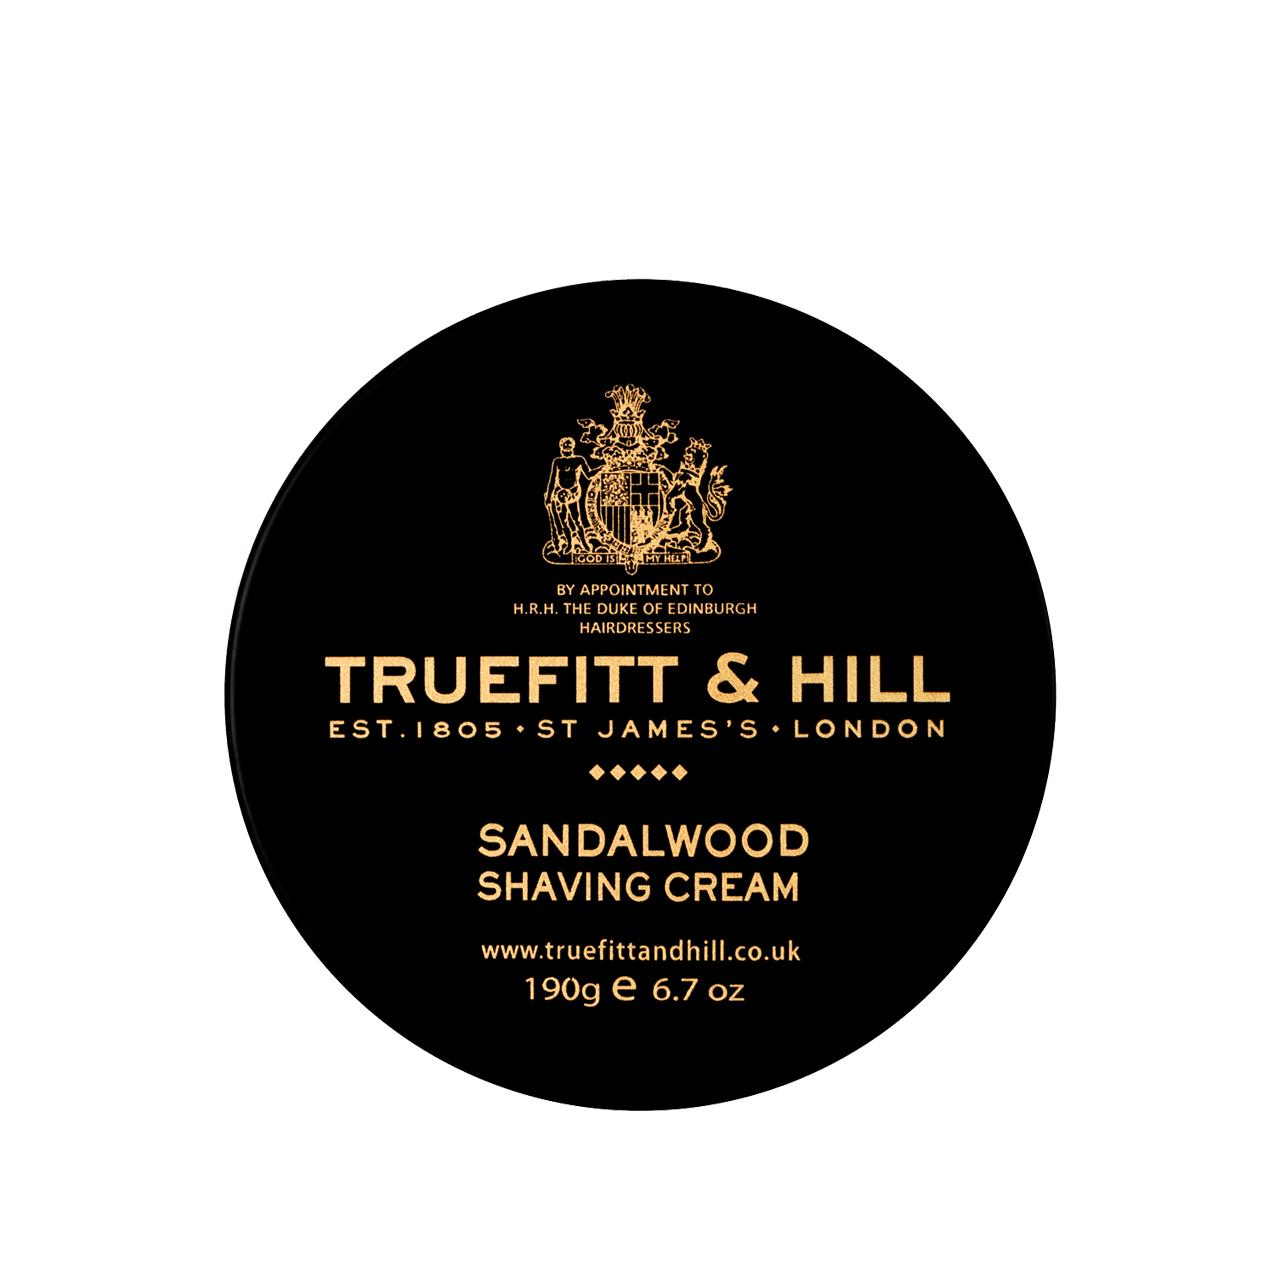 Sandalwood - Shaving Cream Bowl